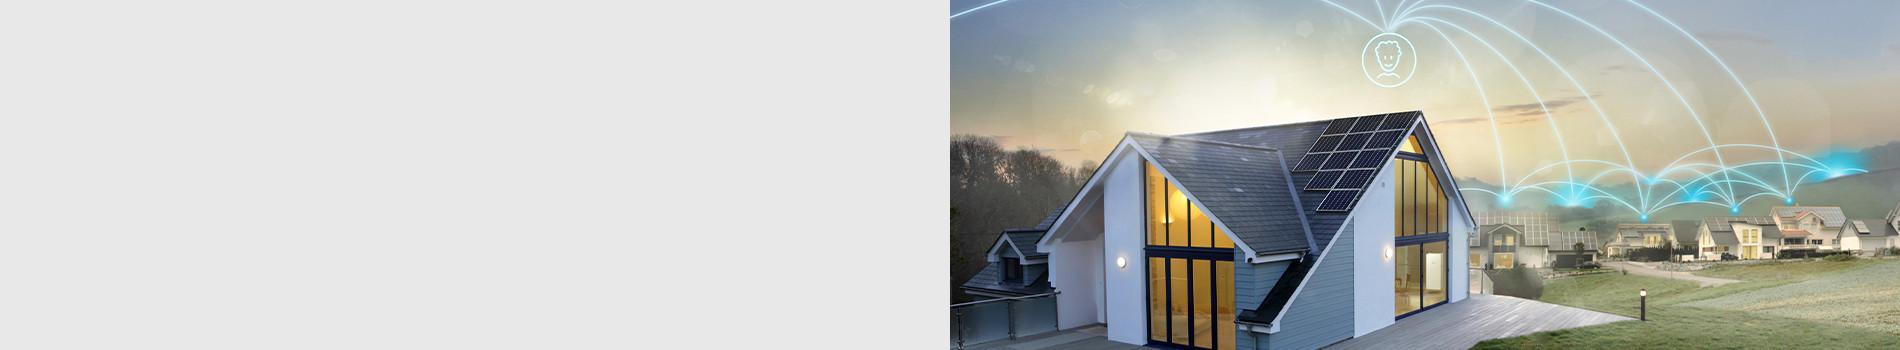 Vernetzte sonnenBatterien in Häusern im Sonnenaufgang